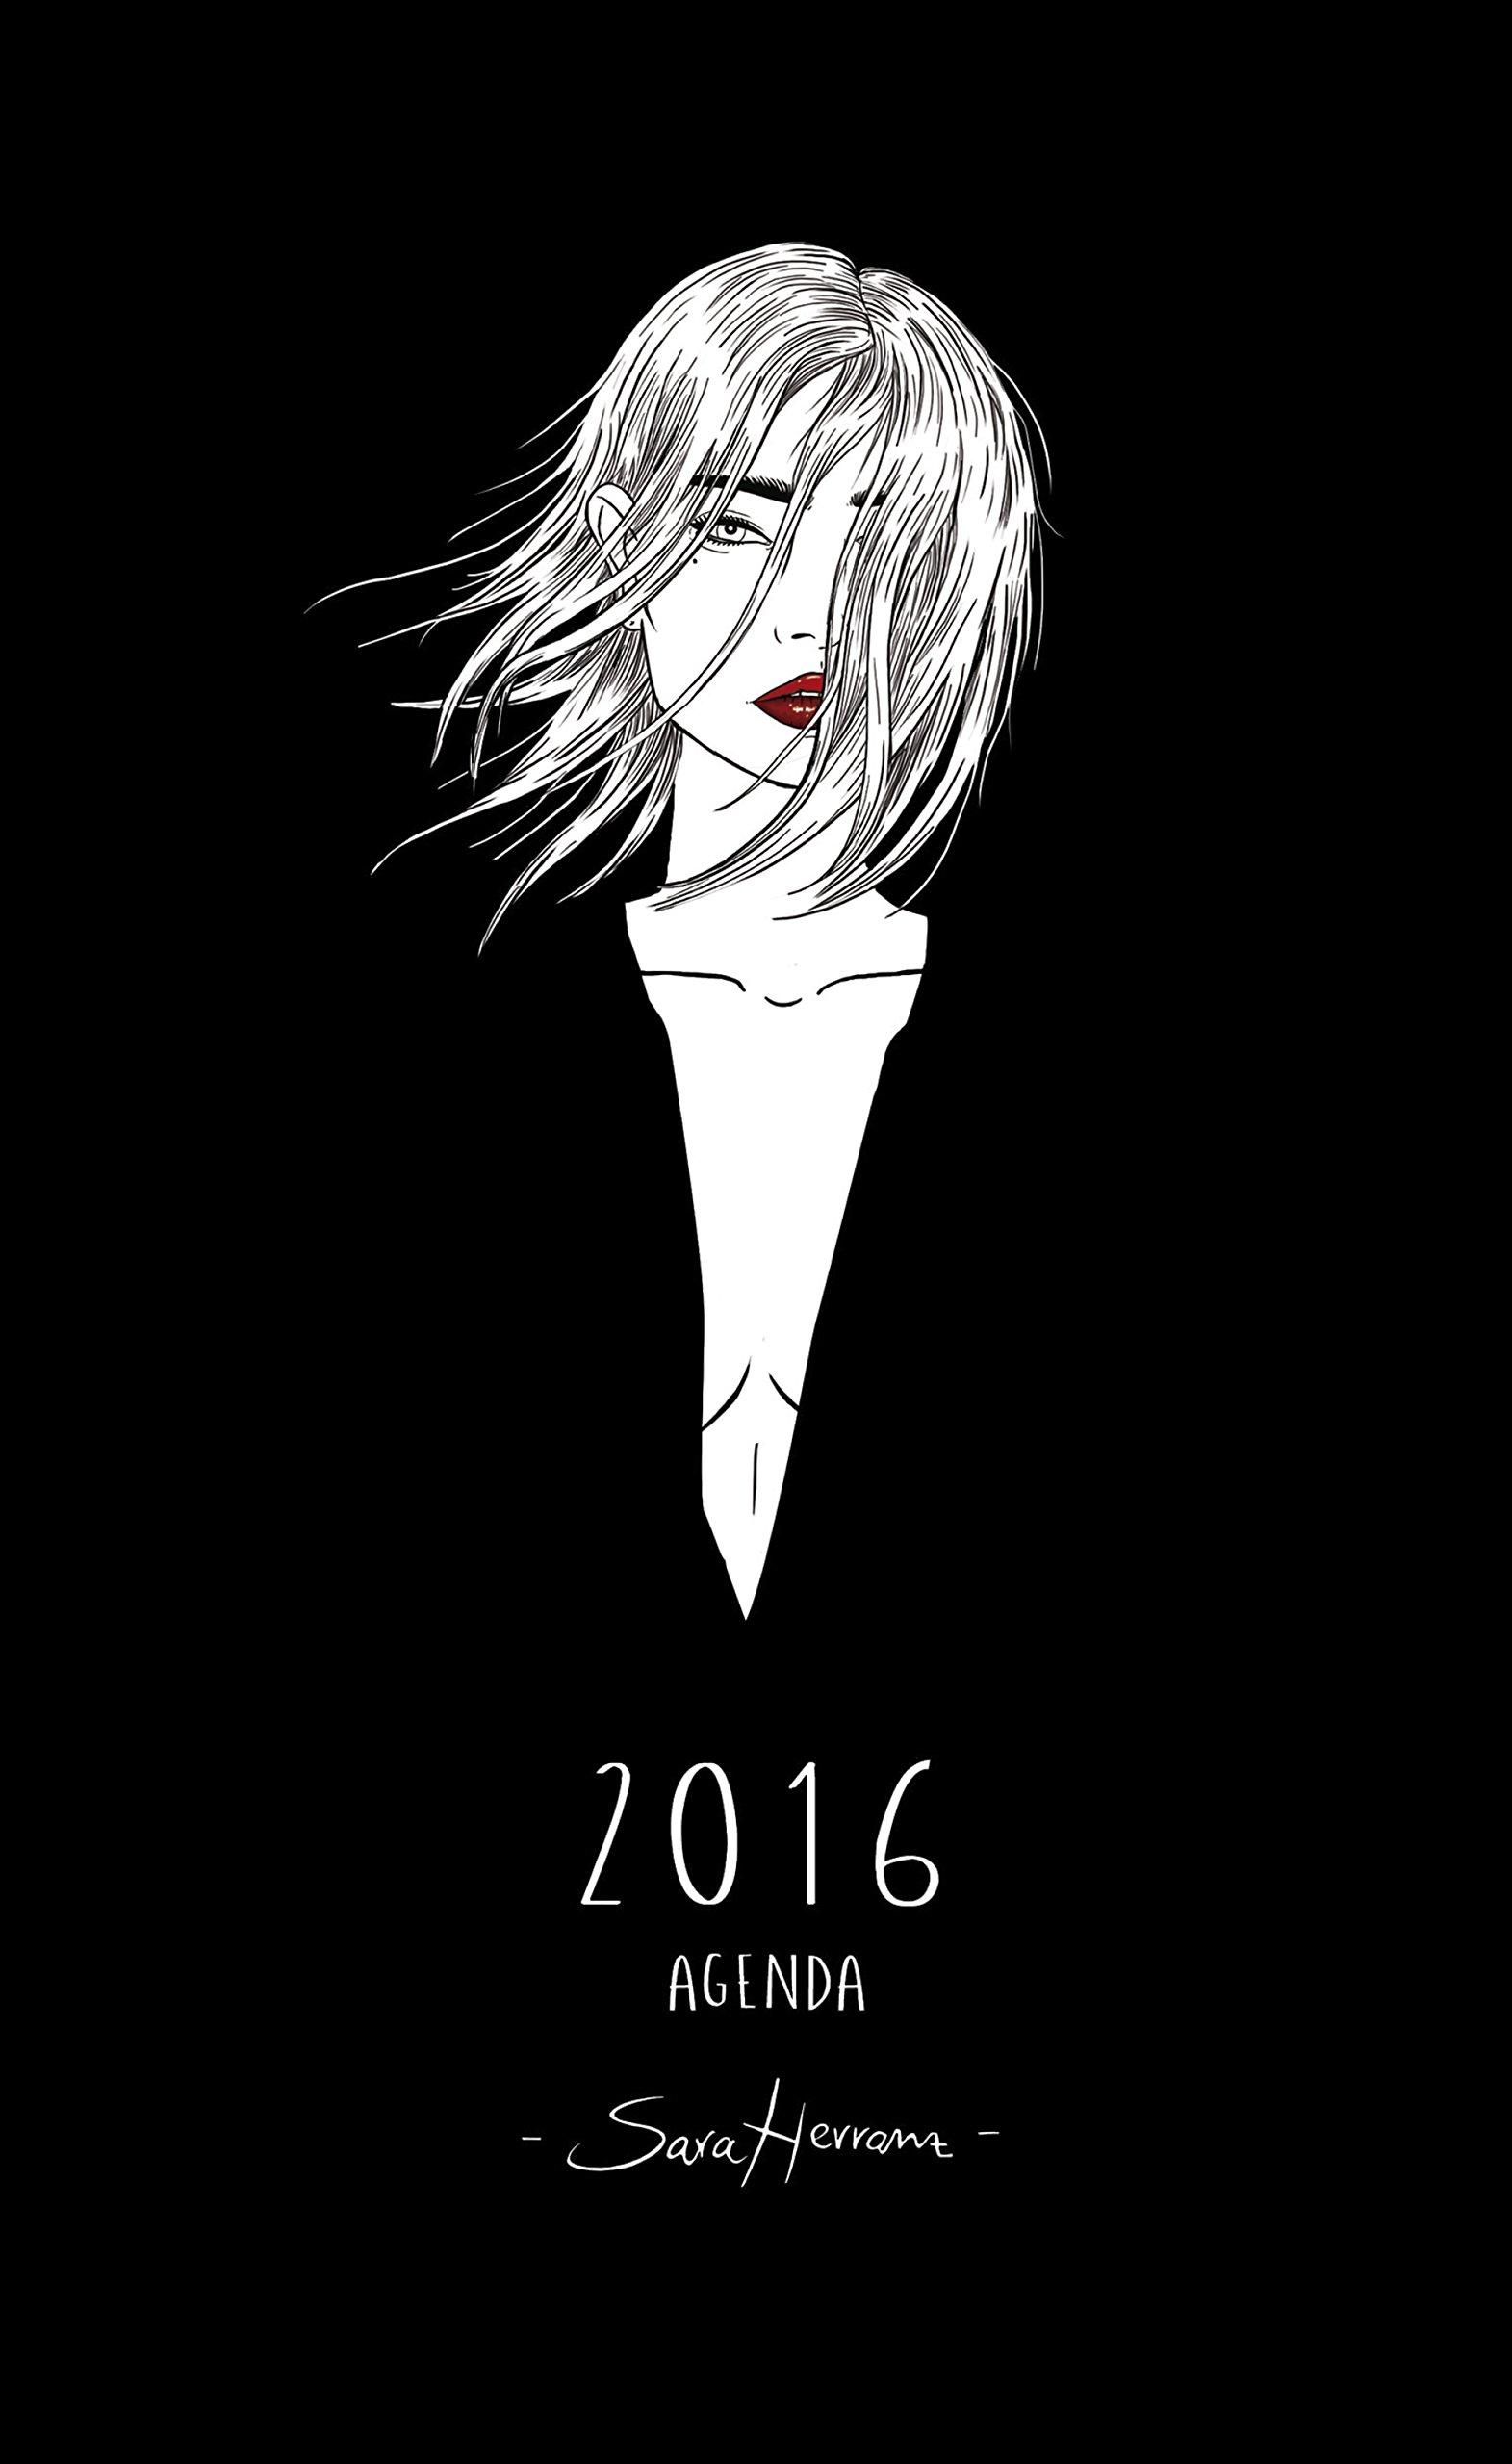 AGENDA SARA HERRANZ 2016: 8432715076629: Amazon.com: Books